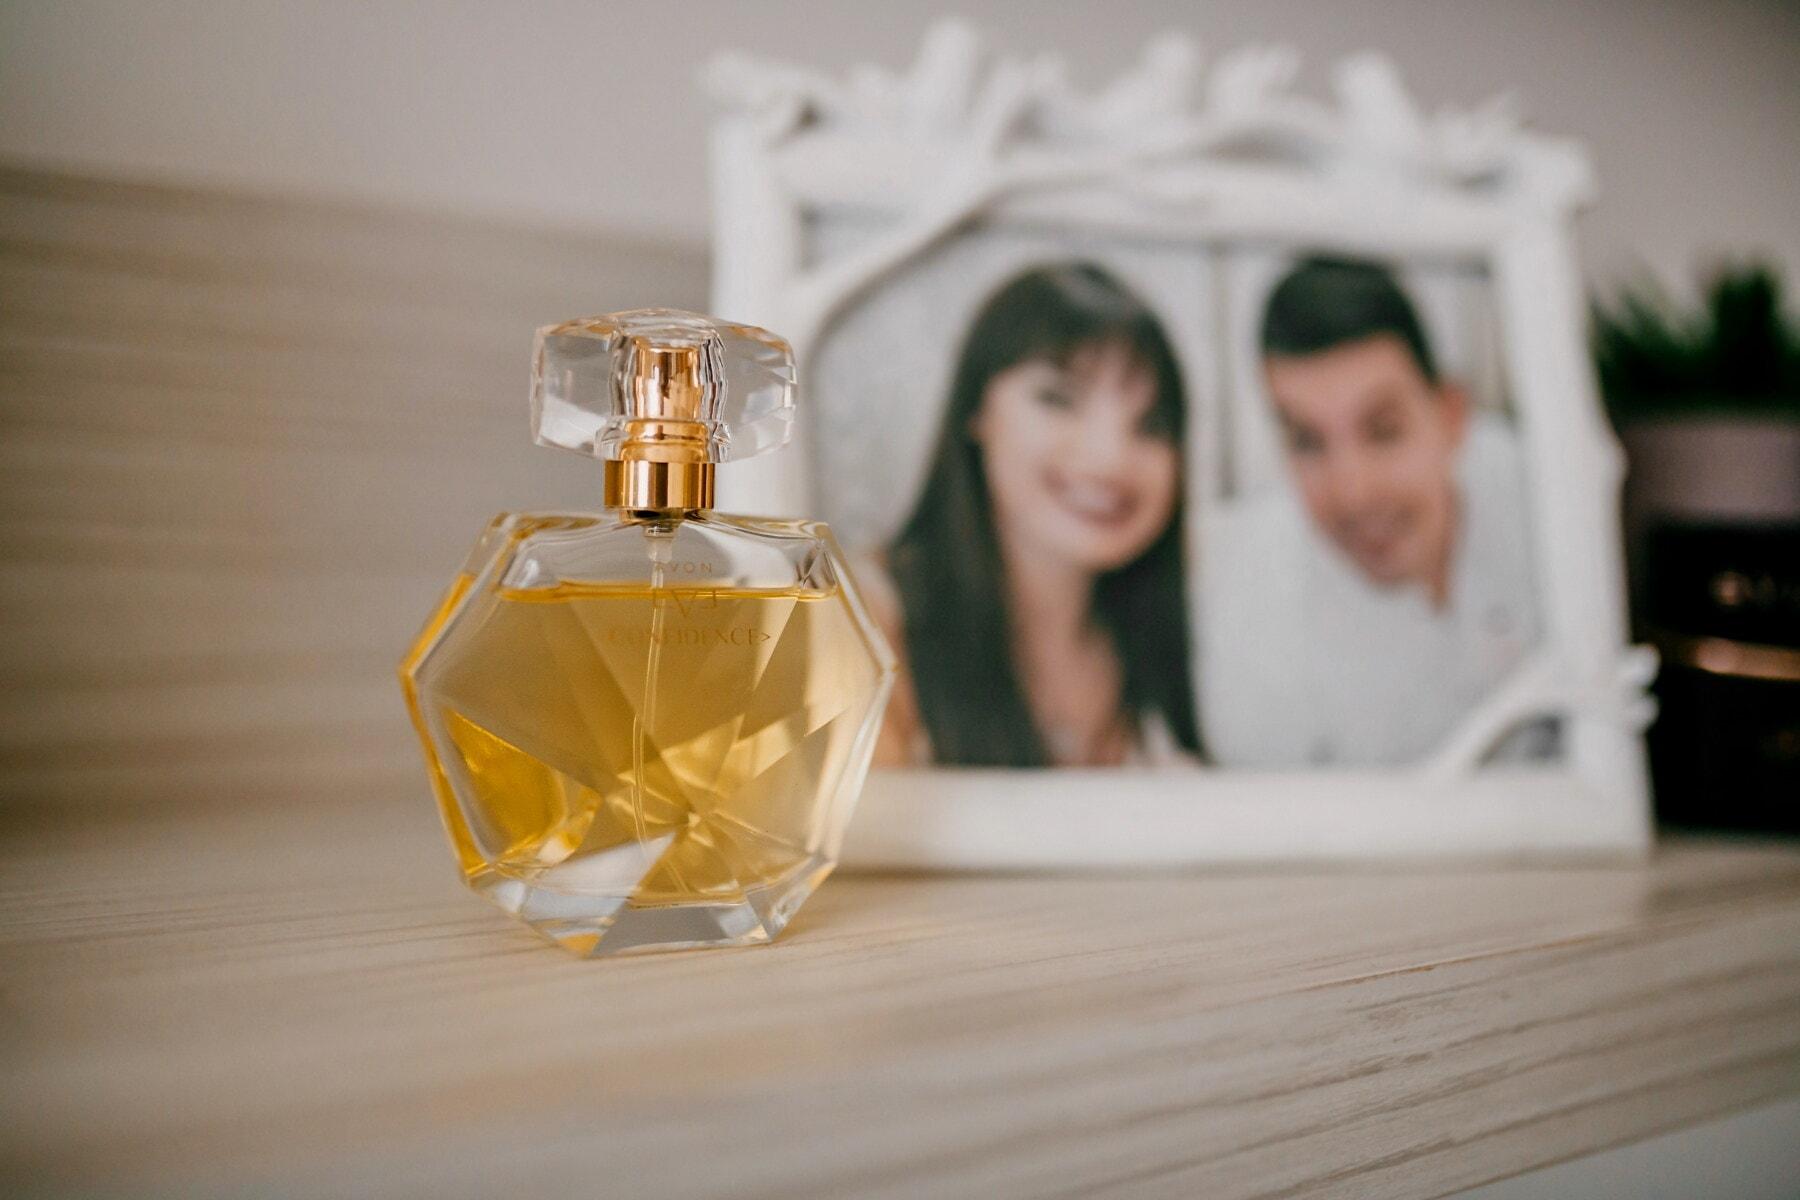 Parfüm, Duft, Glas, Aromatherapie, Entspannung, Luxus, drinnen, Holz, verwischen, Mode